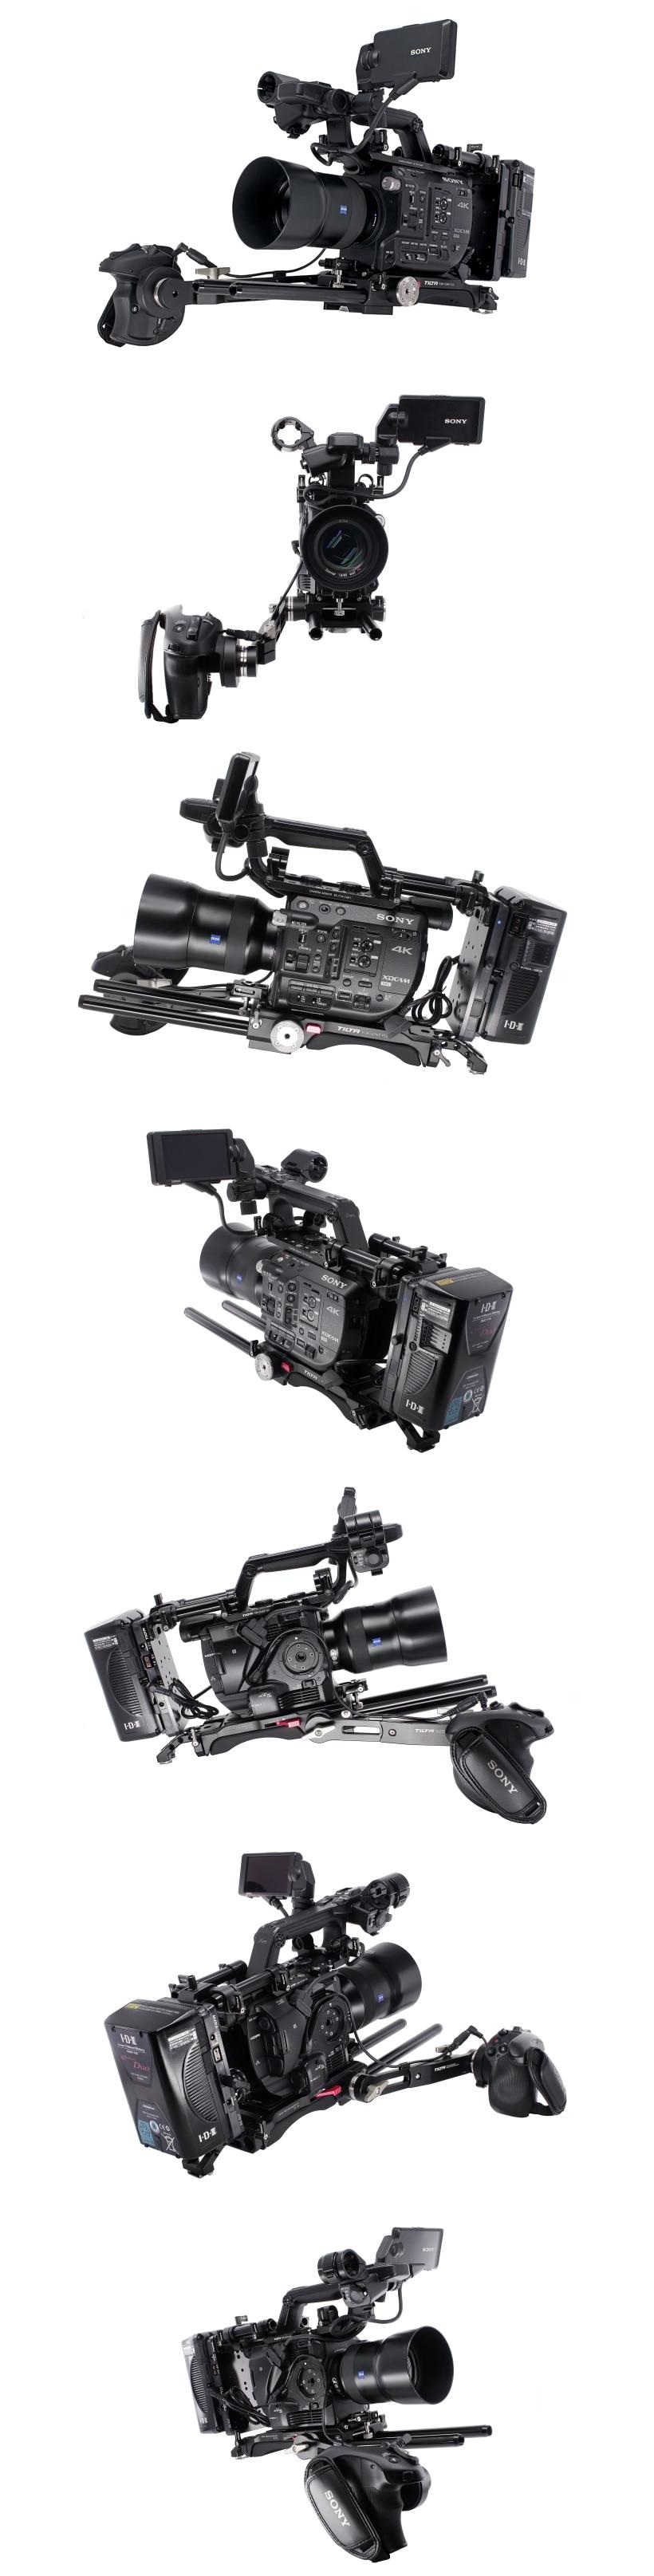 Sony FS5 description